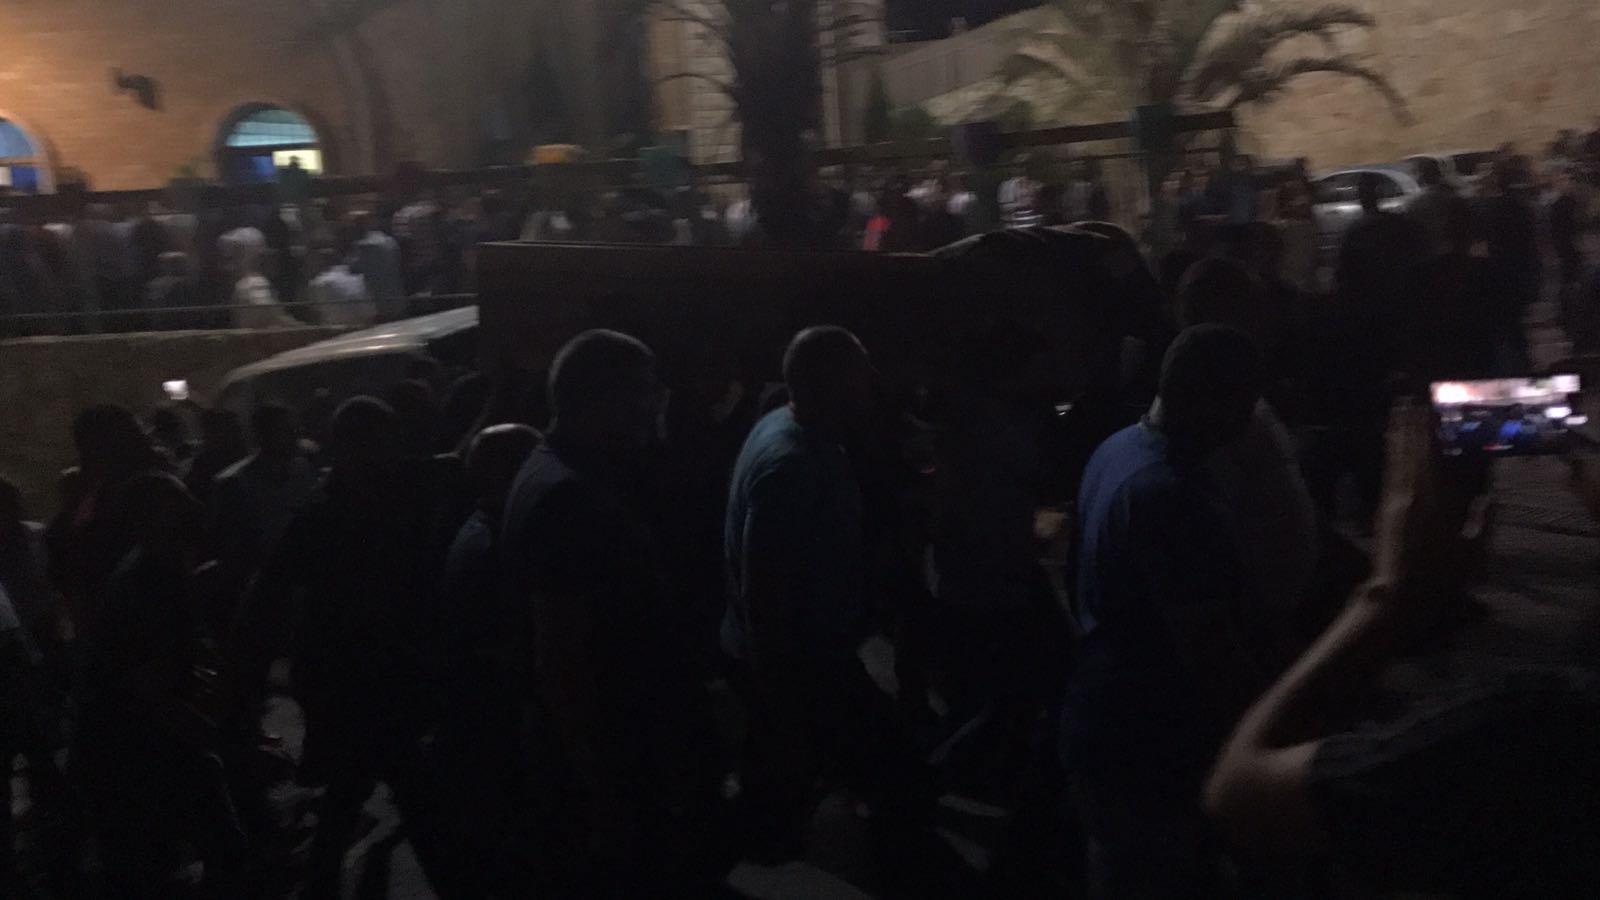 ام الفحم: جماهير غفيرة تشيع الشاب محمد اغبارية لمثواه الأخير